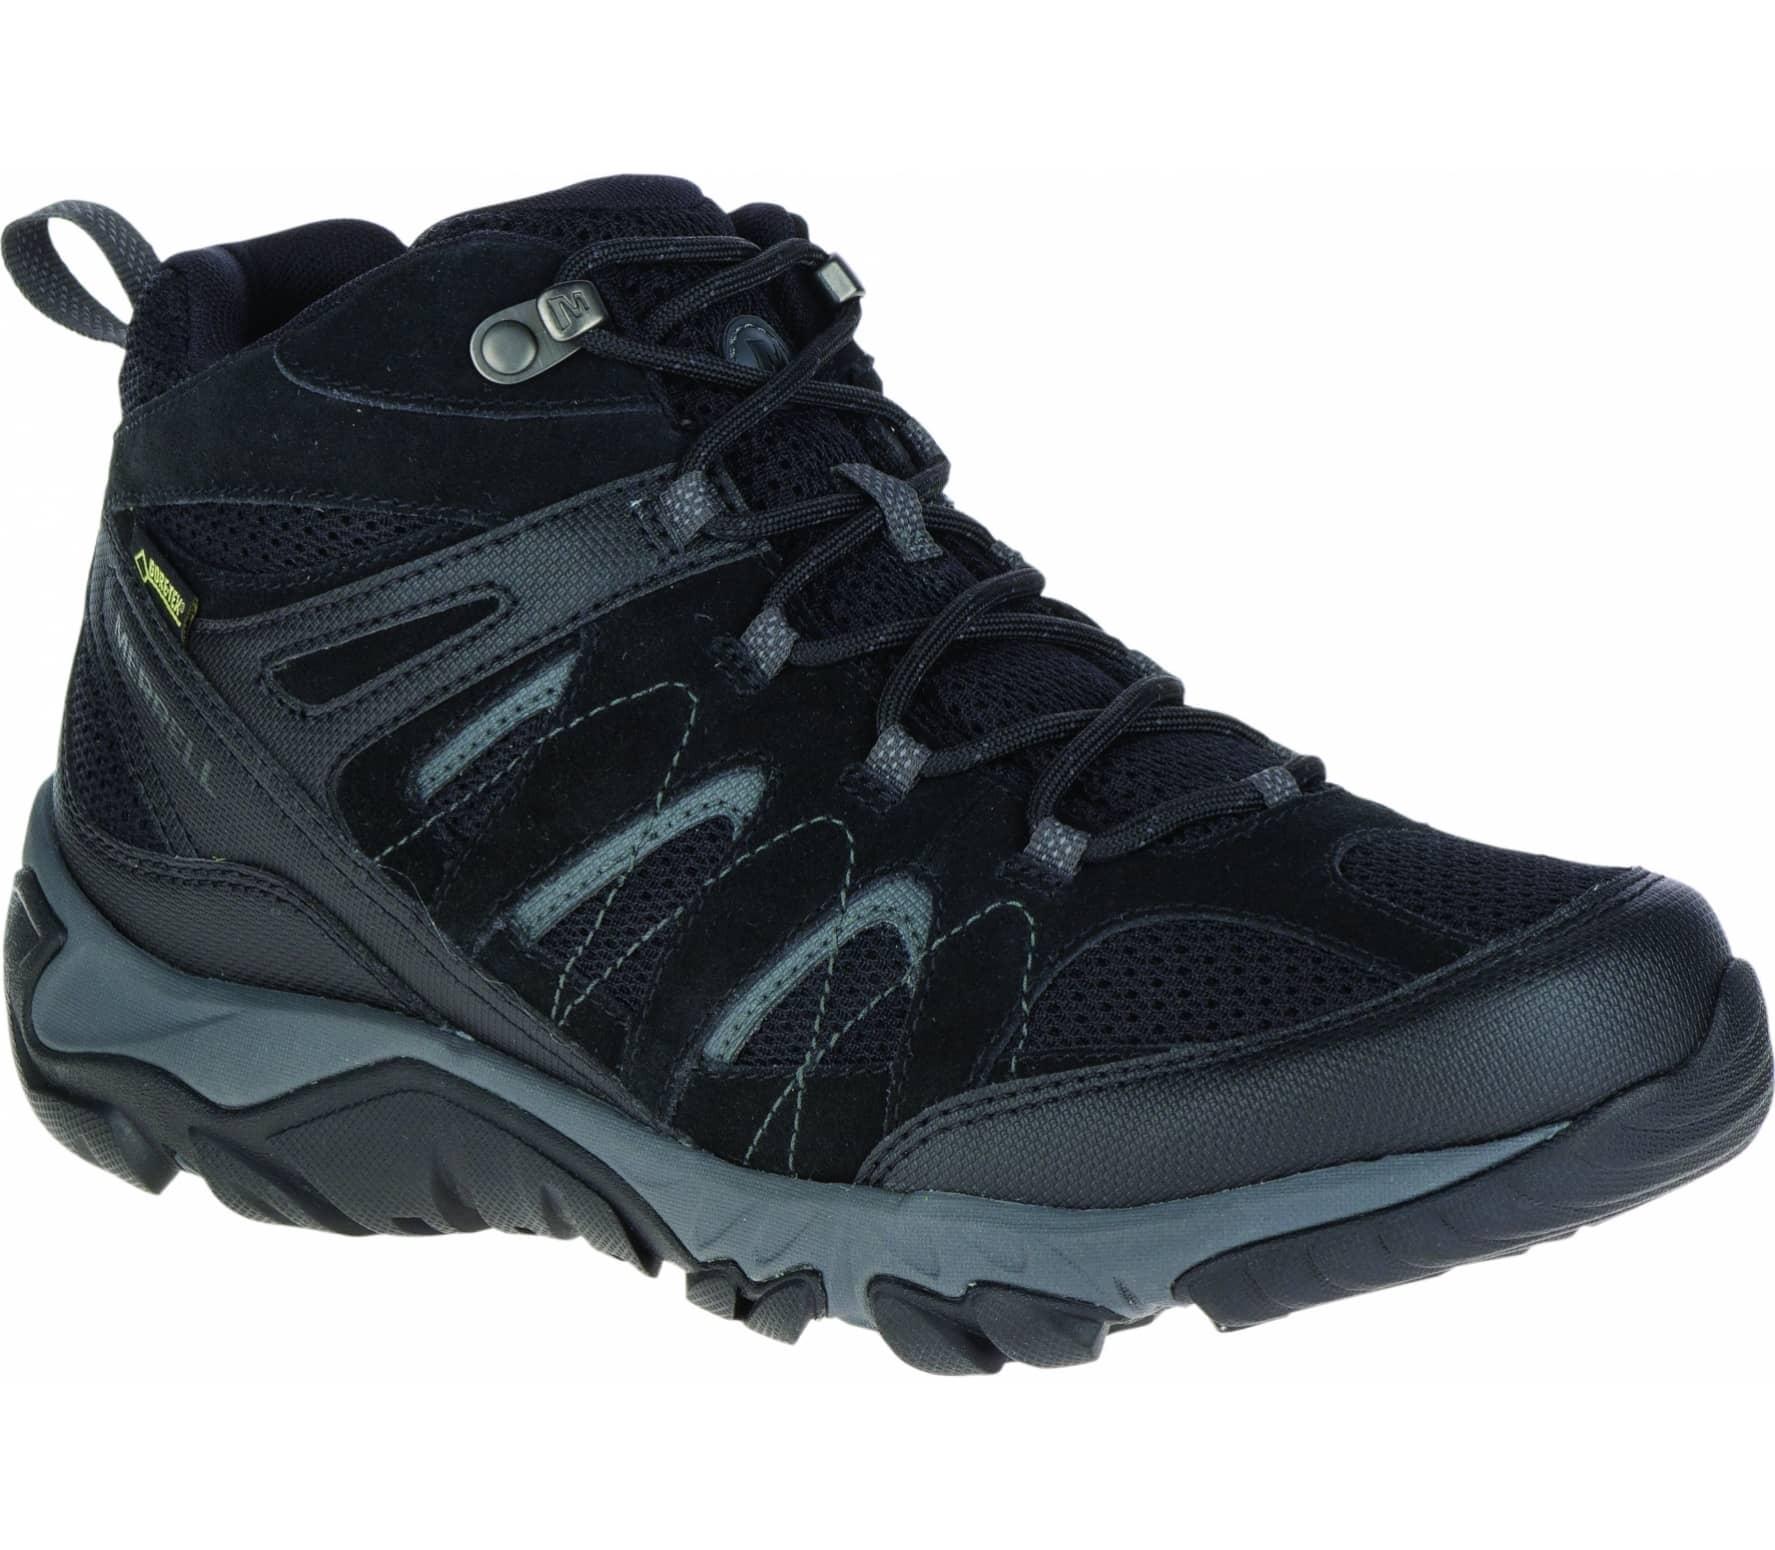 Merrell Outmost MID GTX Hommes chaussures de randonnée Hommes argenté